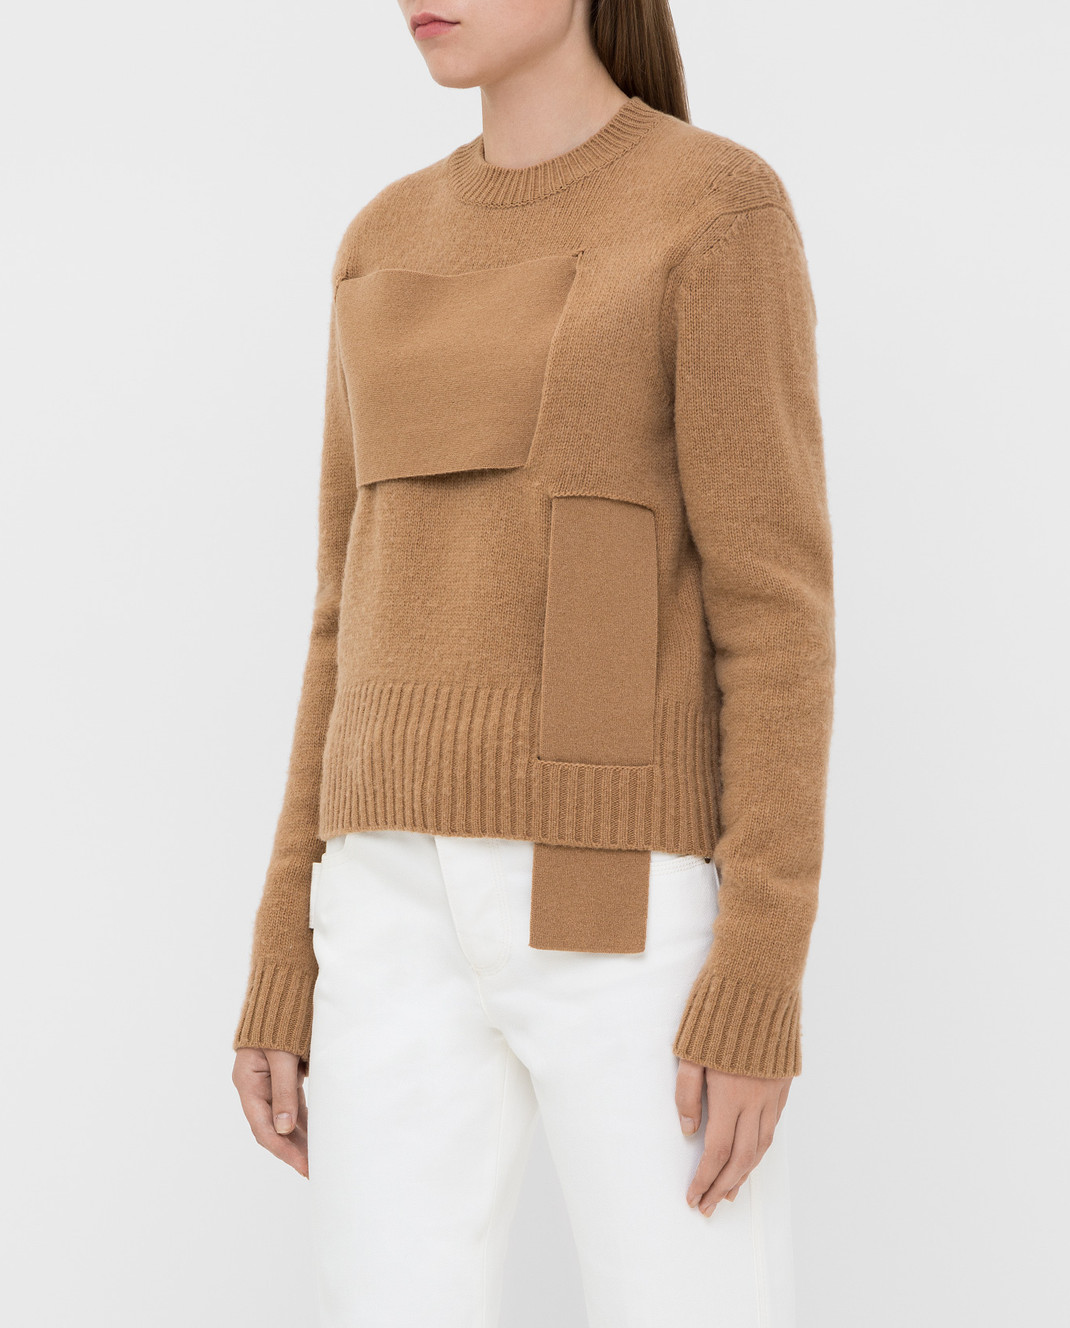 Bottega Veneta Бежевый свитер из шерсти 577543 изображение 3